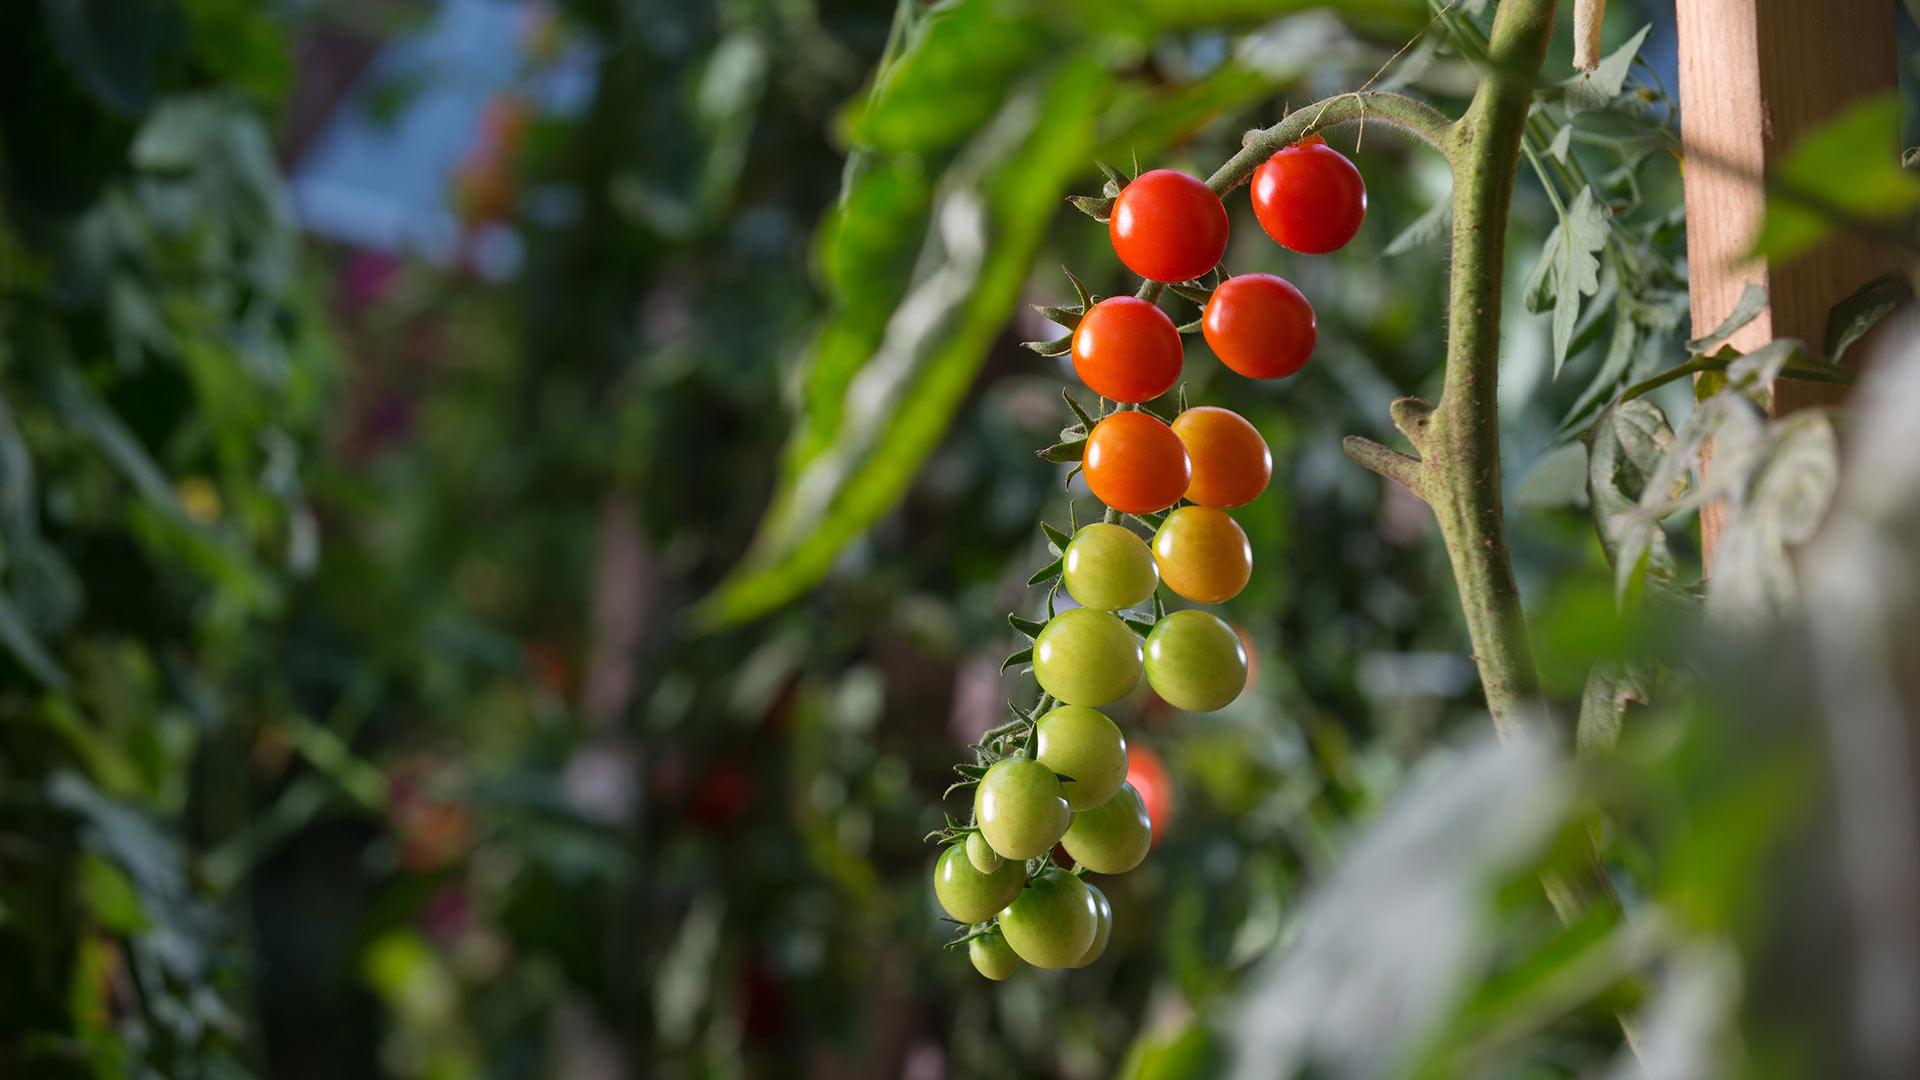 Pridelava lastne hrane oz. samooskrba je eden izmed ciljev skupnosti